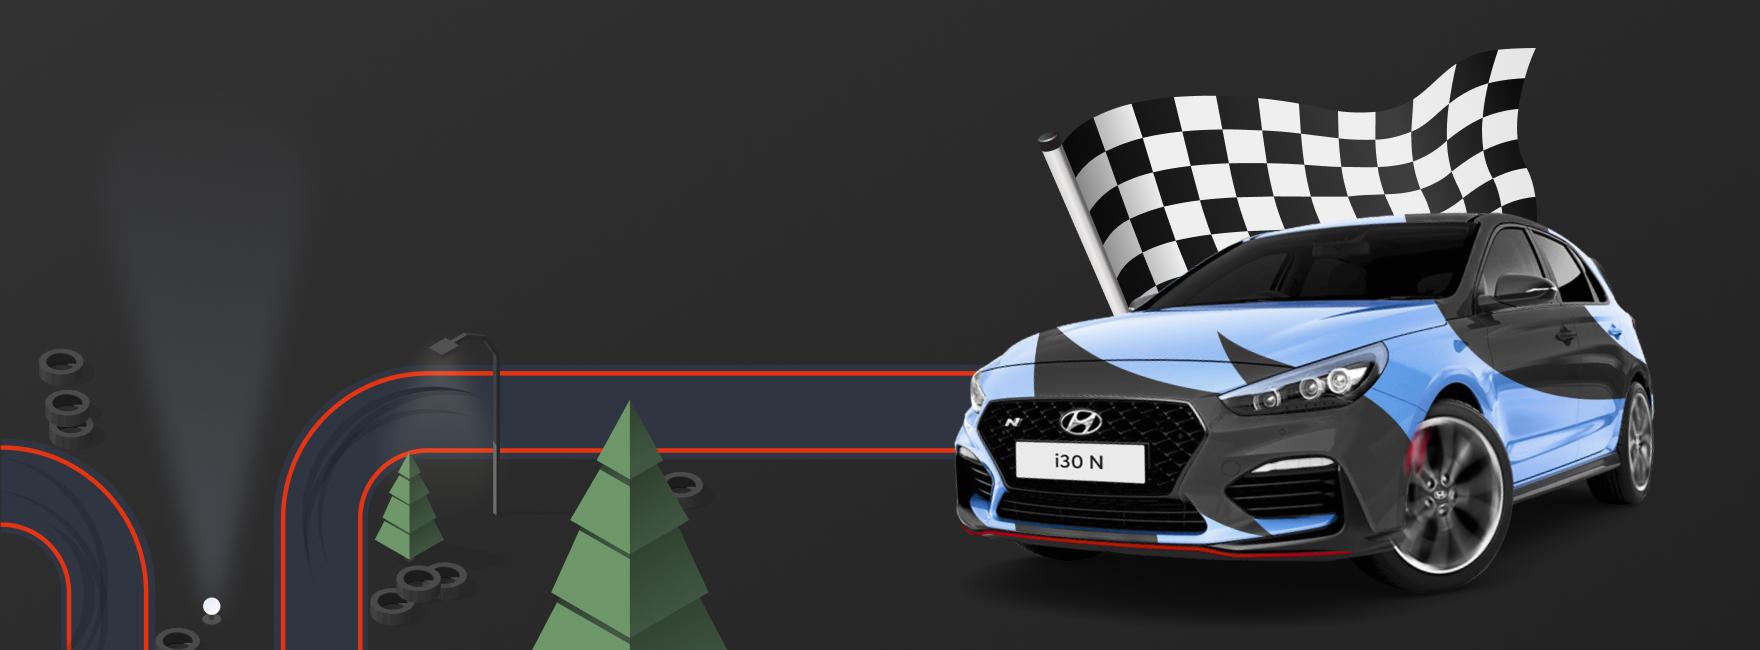 Участвуйте в виртуальной гонке на i30N.